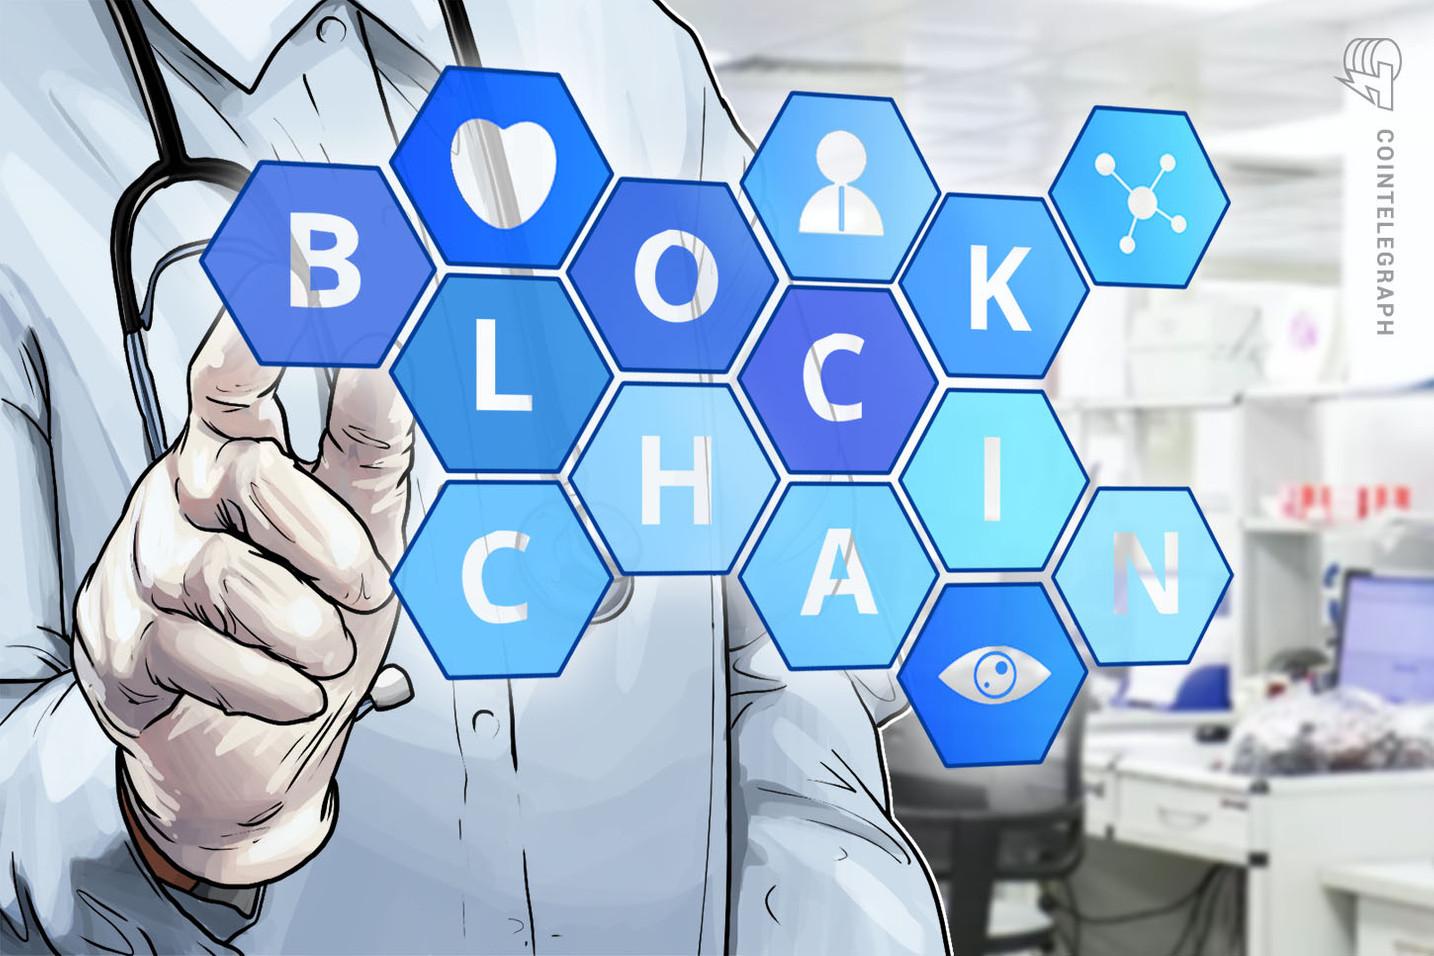 Großer Forschungsmarktplatz enthüllt Blockchain-Werkzeug für Datenintegrität im Pharmabereich